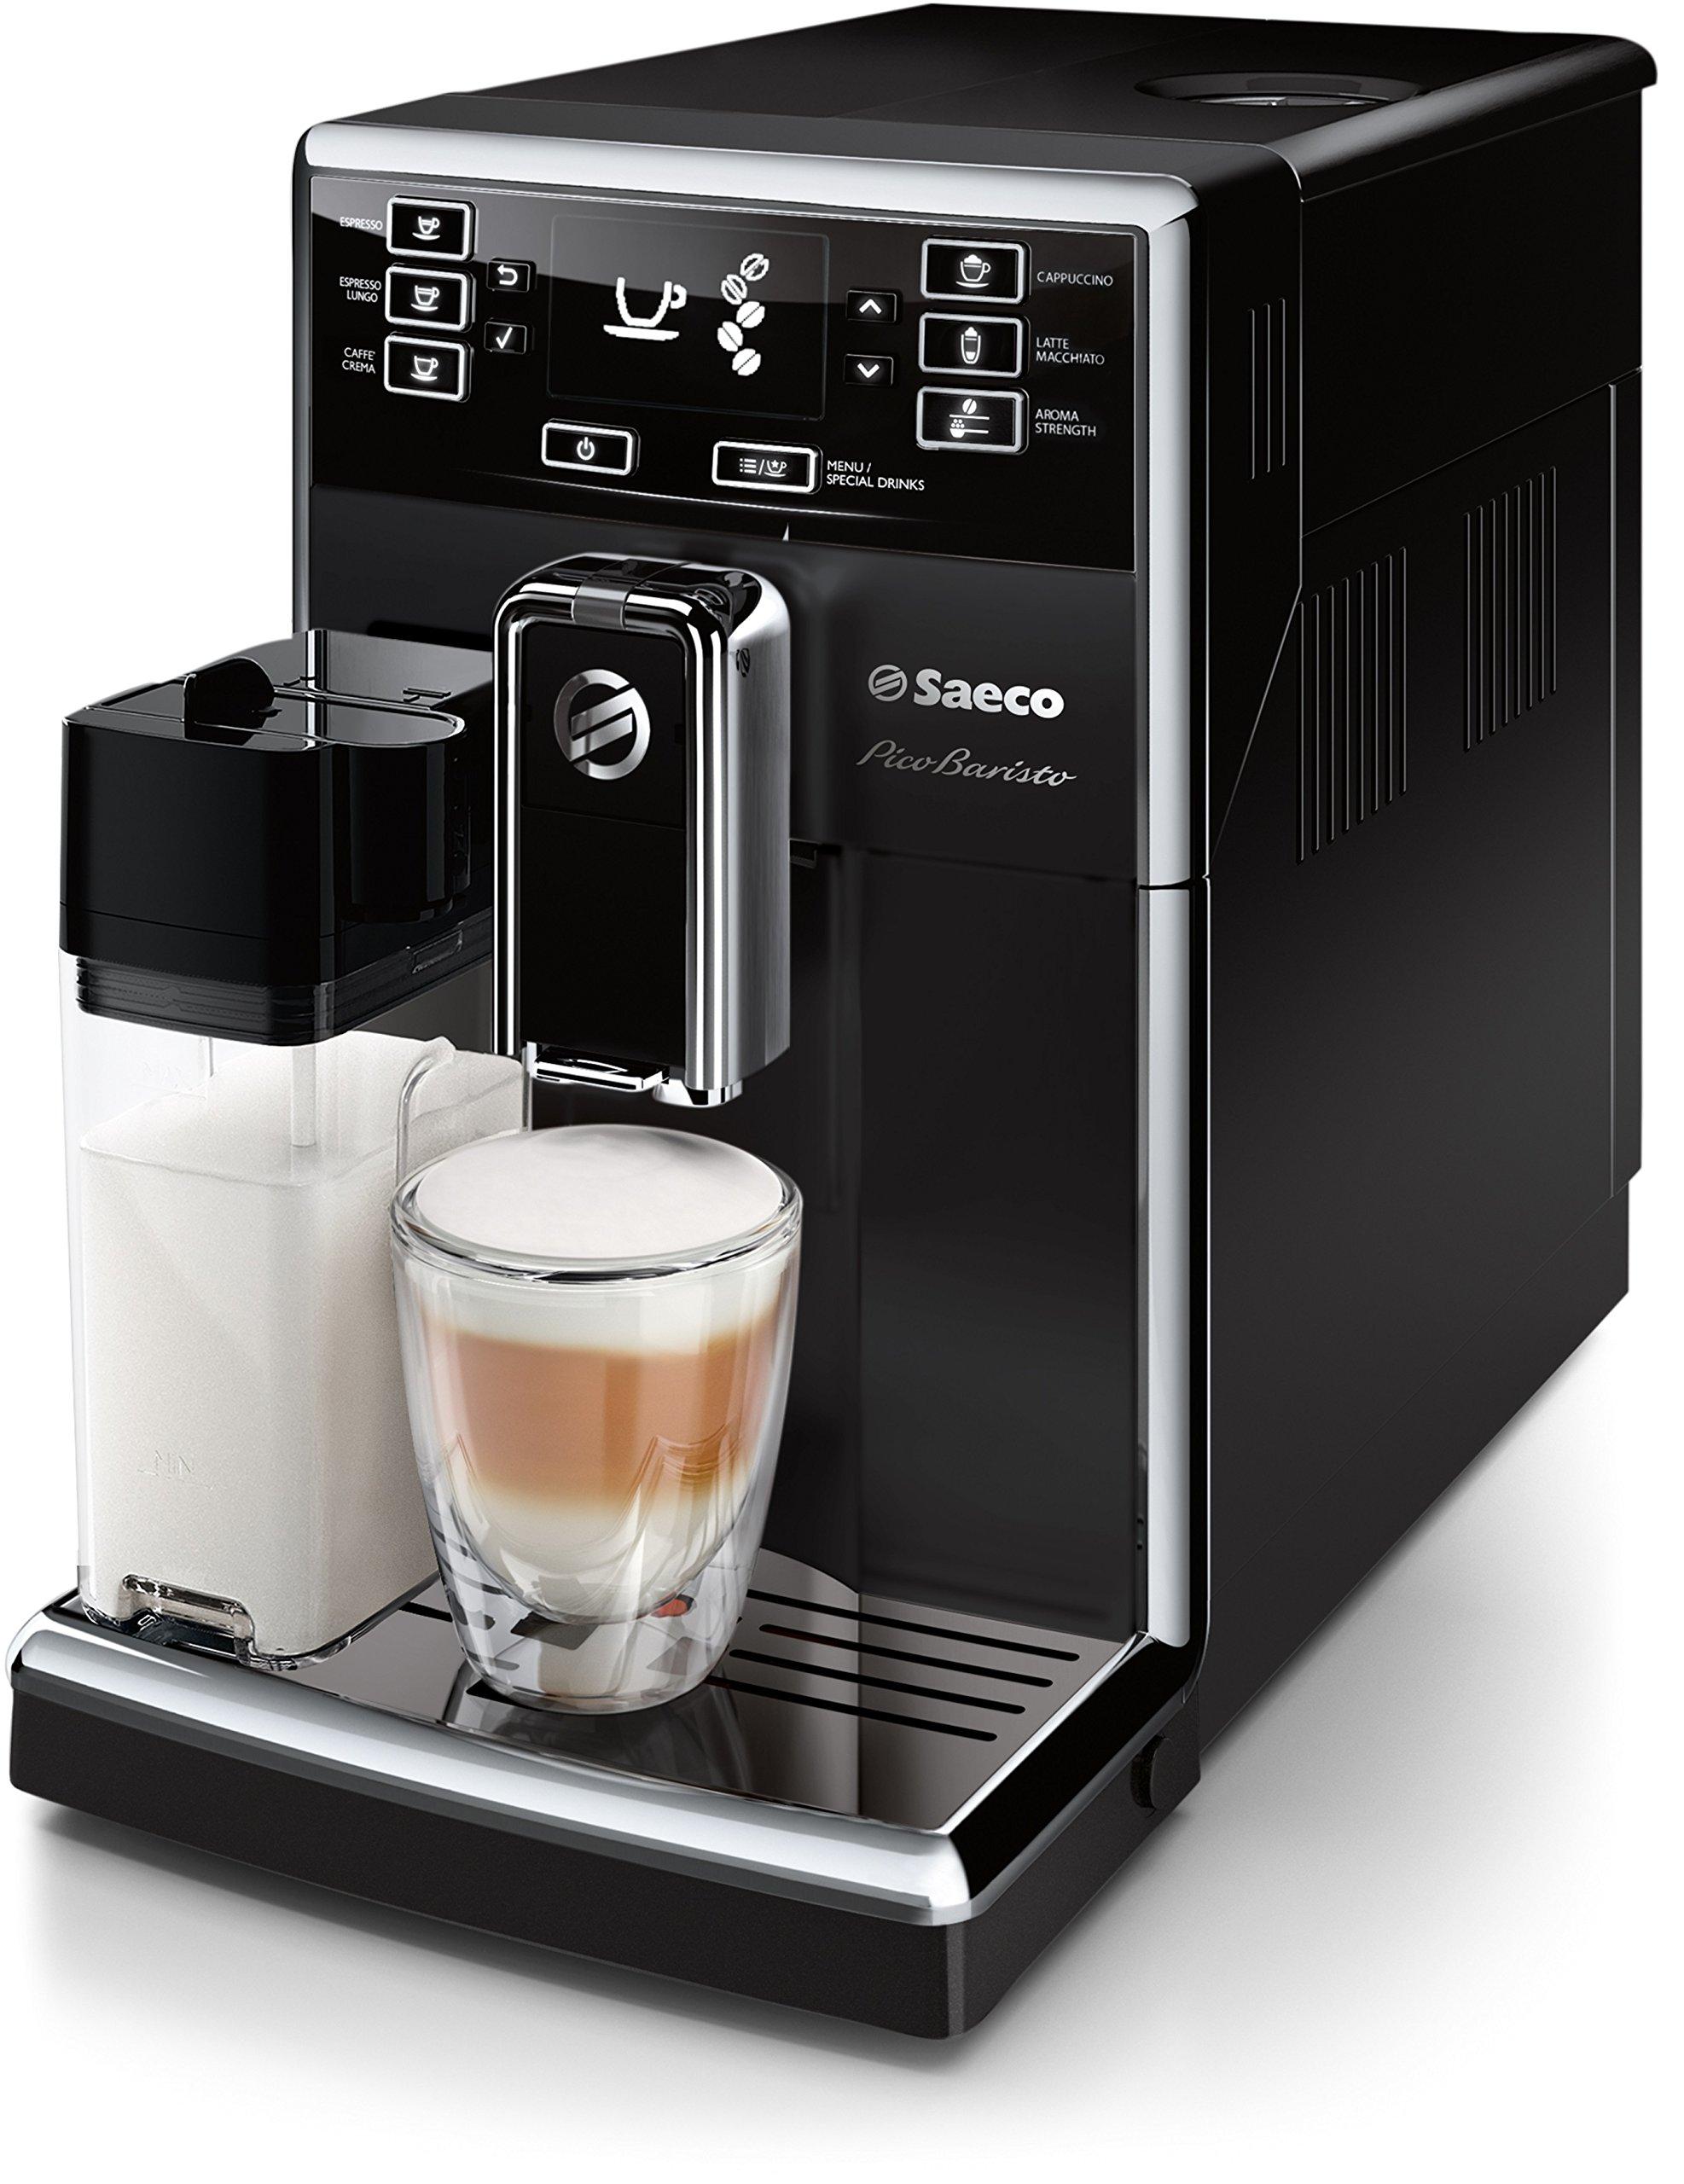 0da7c24dcb5a43 Saeco HD8925 01 PicoBaristo Machine à café automatique Noir product image